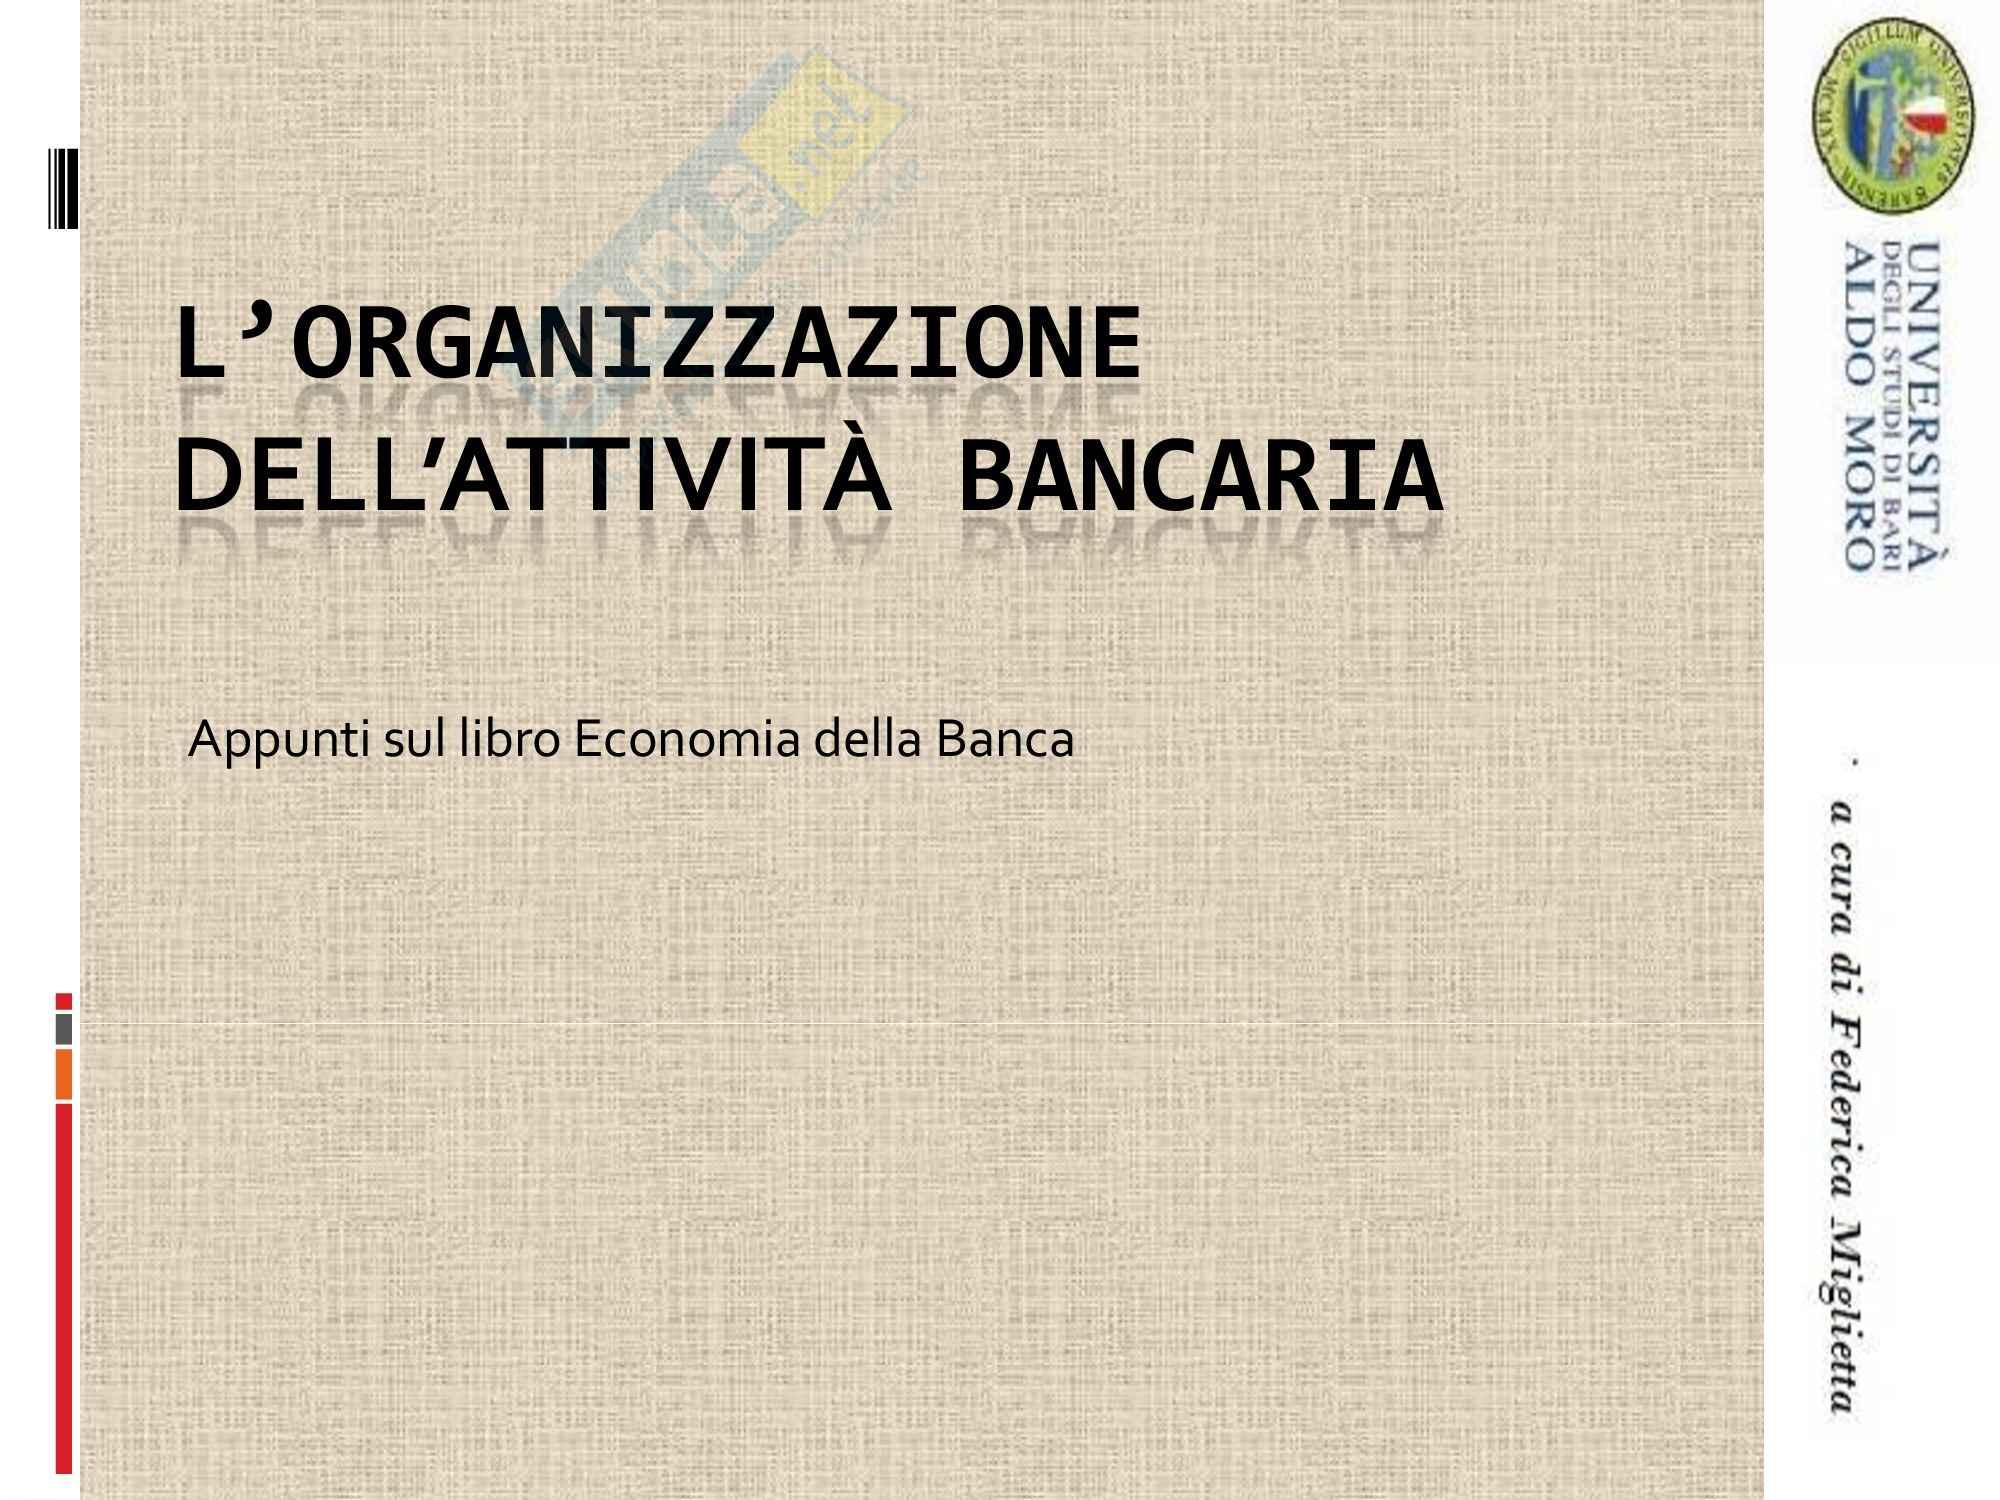 Economia degli intermediari finanziari - attività bancaria